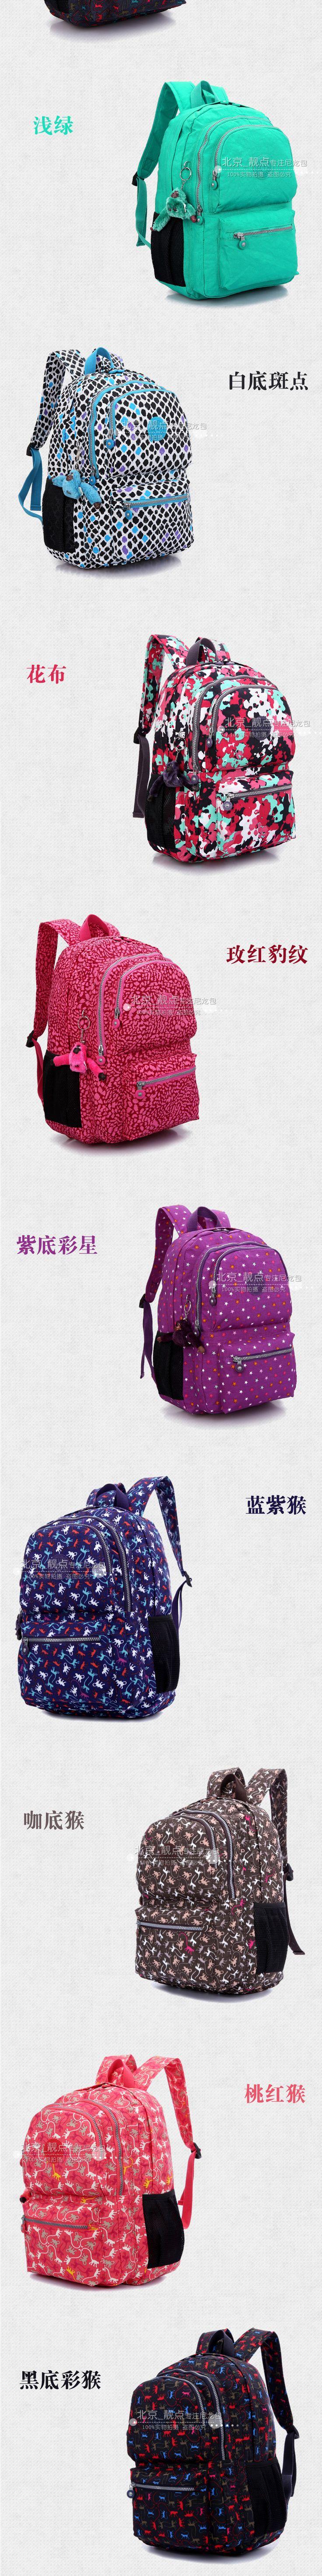 #taobao #kipling Отличный рюкзак по качеству, вместимости. Реальные фотки по ссылке http://conf.7ya.ru/fulltext-thread.aspx?cnf=InetShop&trd=152019